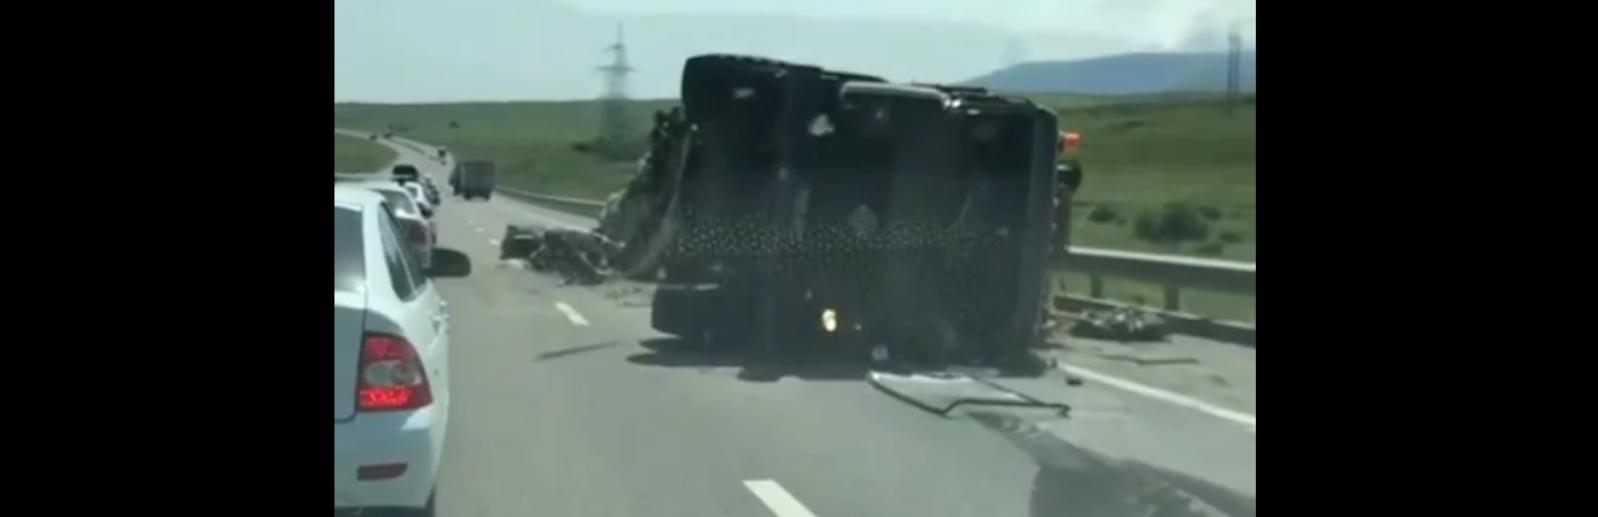 ДТП с участием двух военных автомобилей в Крыму фото